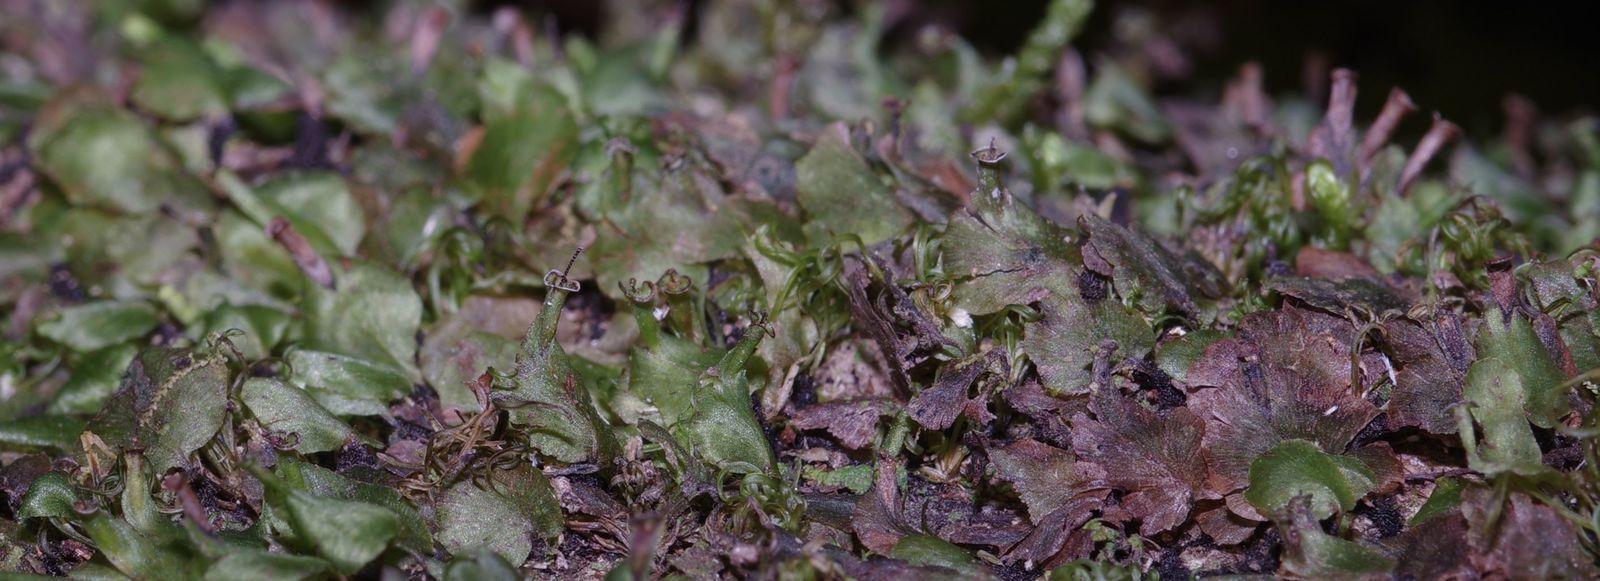 Didymoglossum punctatum subsp. labiatum